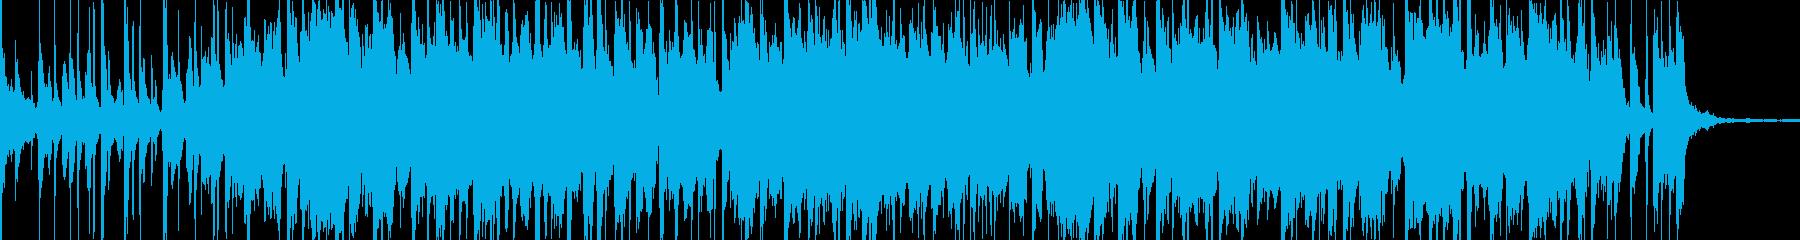 アップテンポで爽やかなストリングスBGMの再生済みの波形